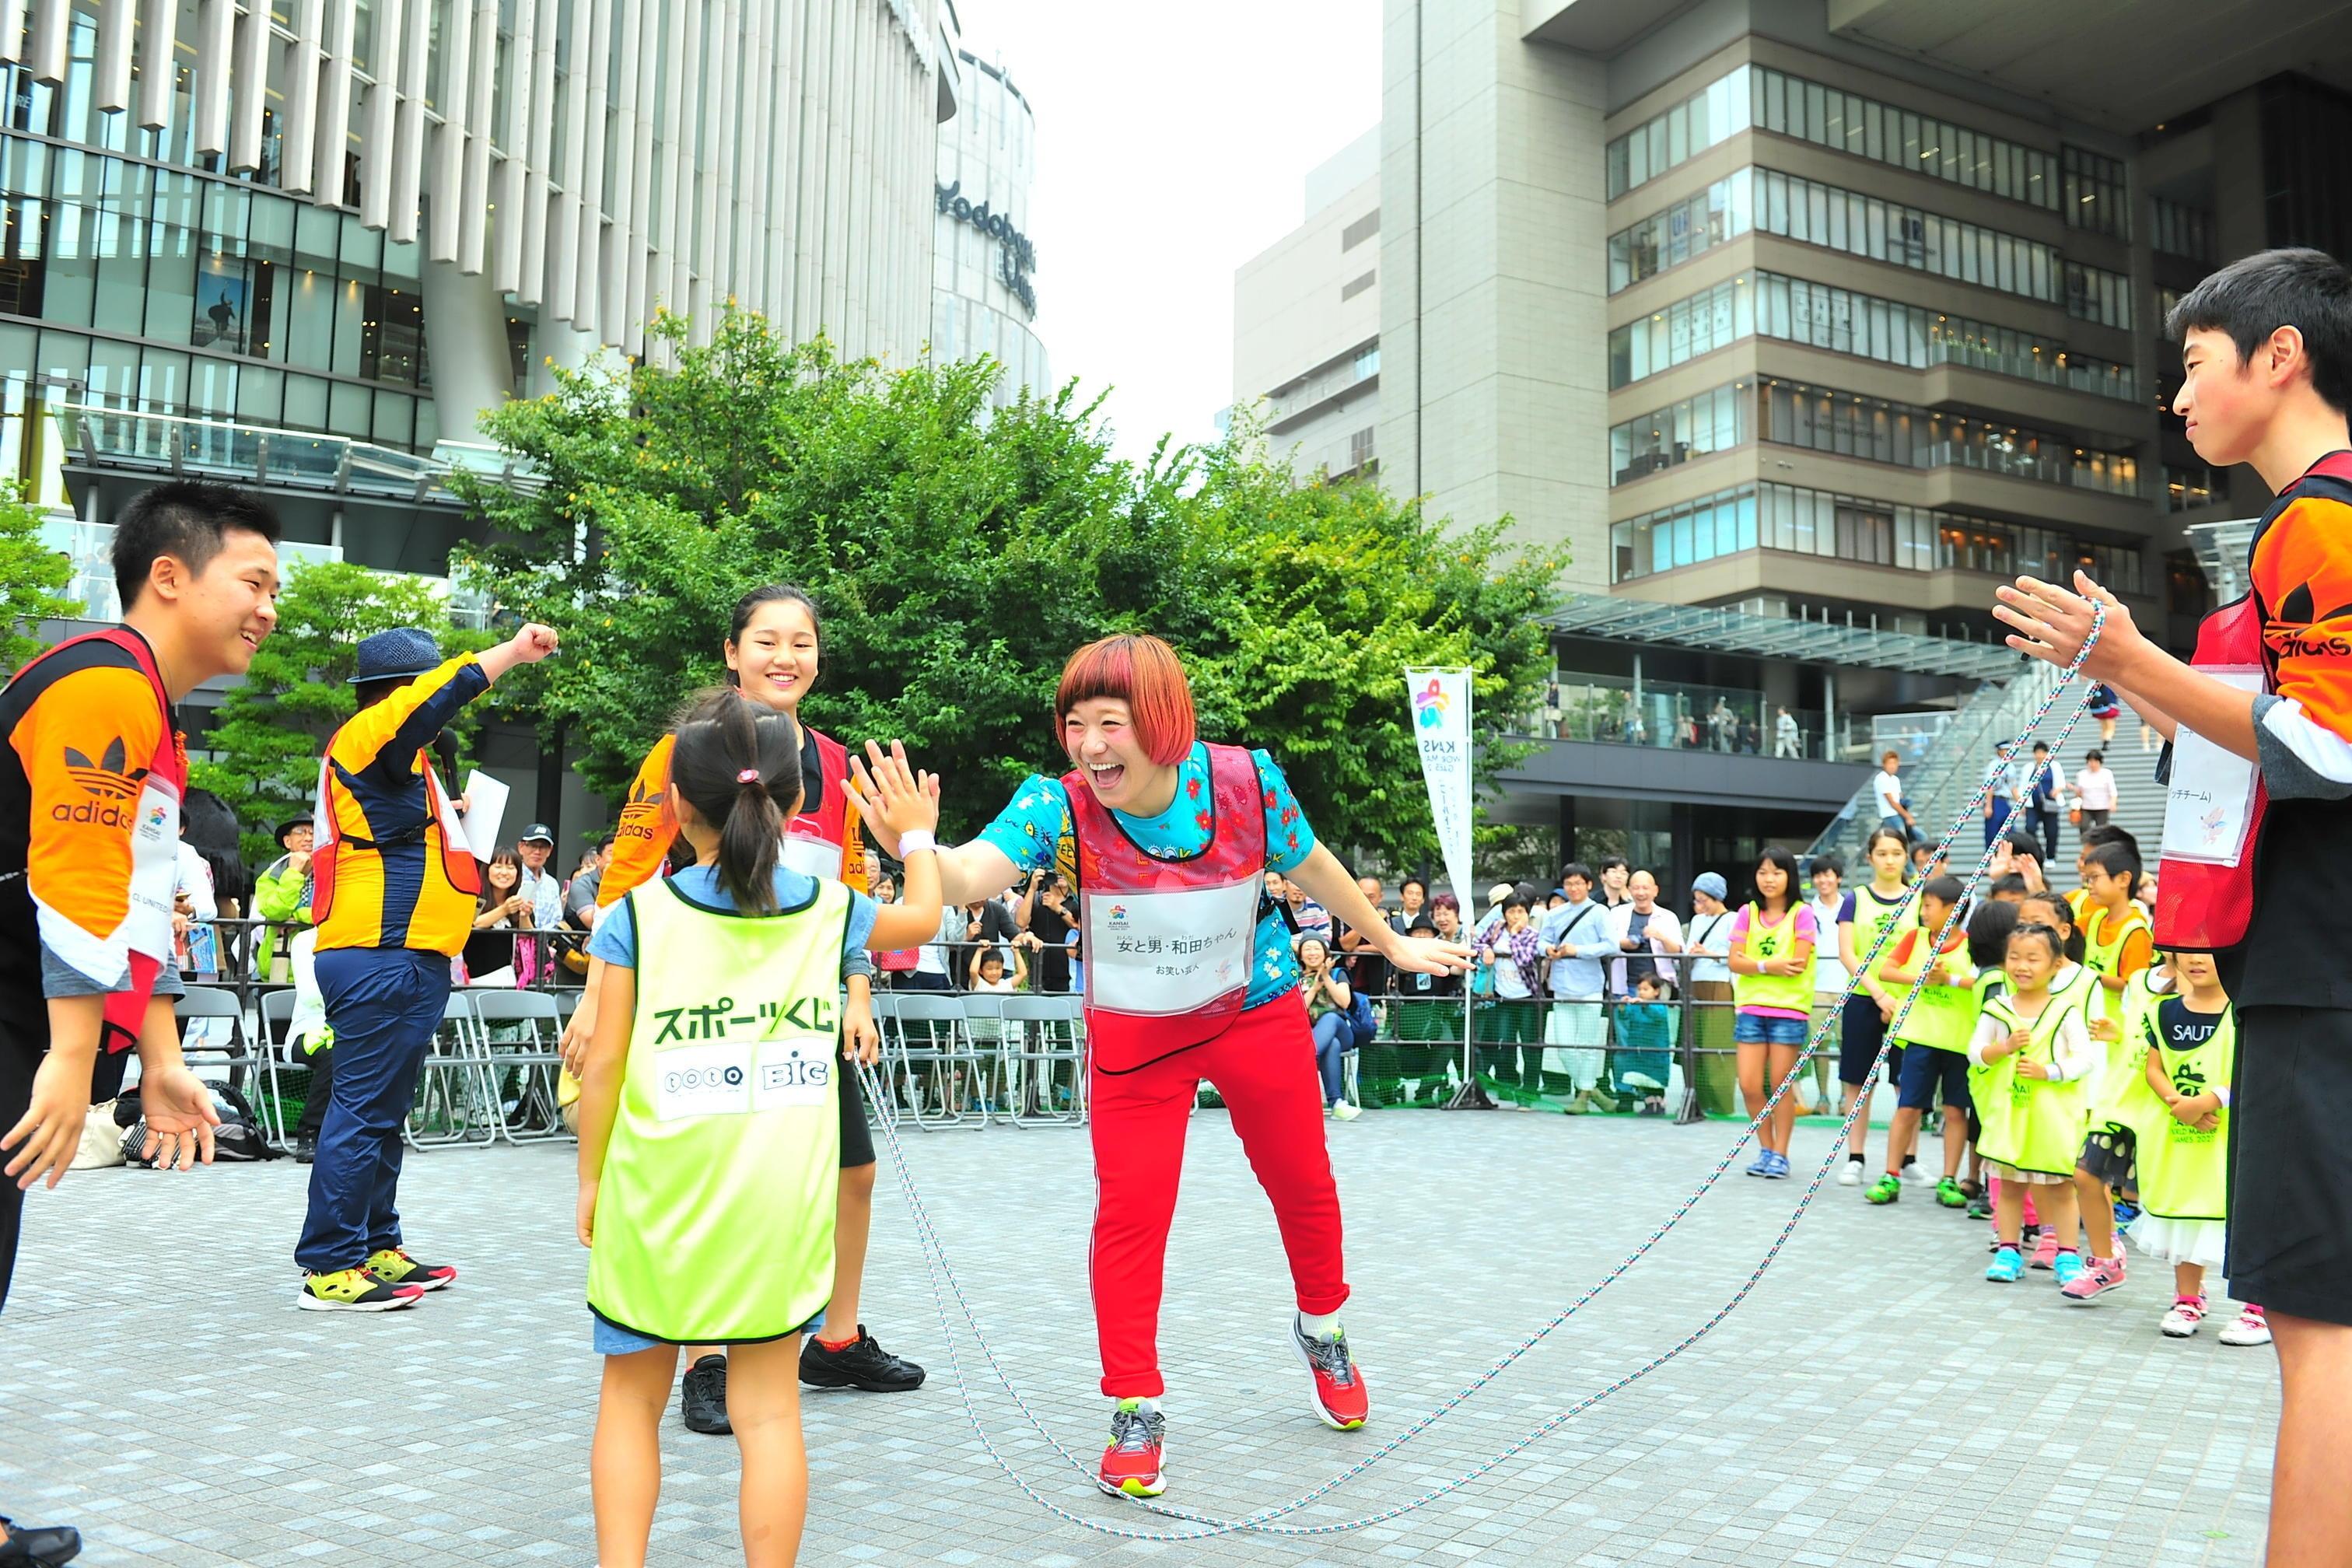 http://news.yoshimoto.co.jp/20180205211523-faea22a78d834e921285f1f0e76a70b3ef5b0e8b.jpg